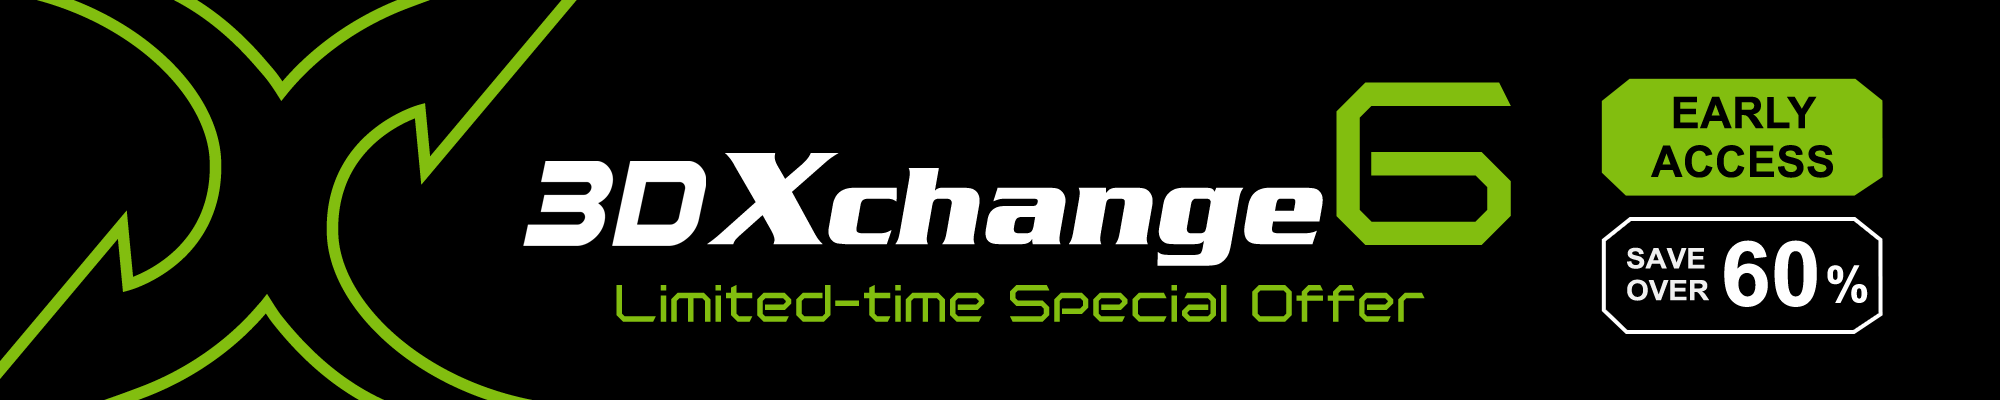 3DXchange 6